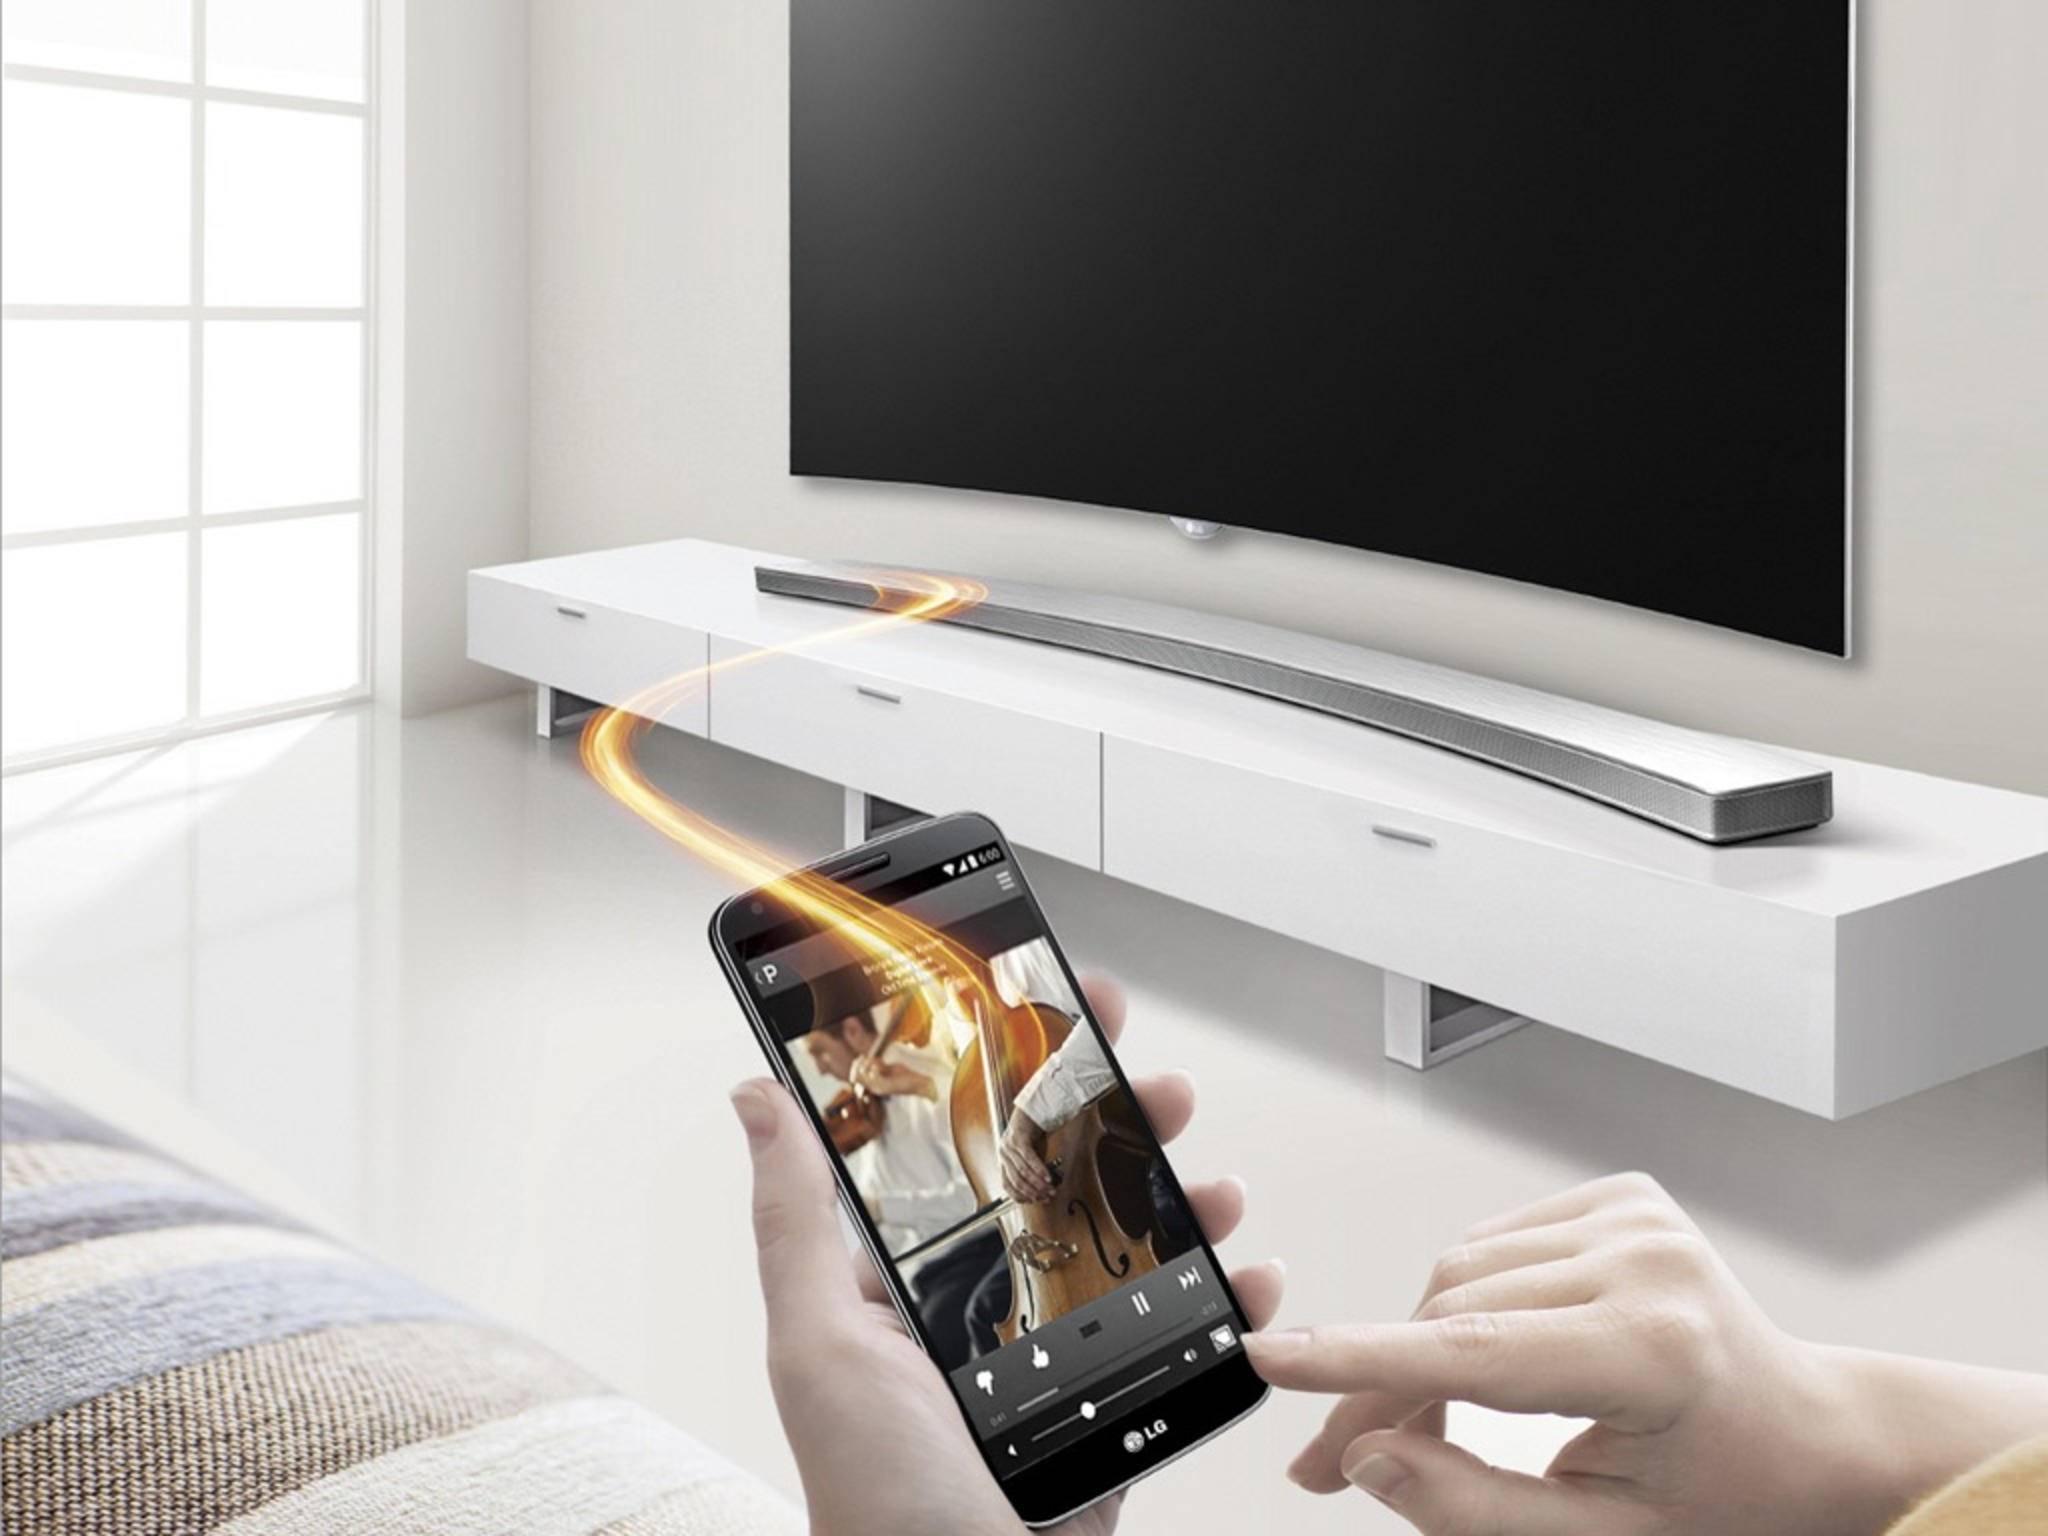 Jetzt wird's kurvig: LG präsentiert seine neue Soundbar im Curved-Design.